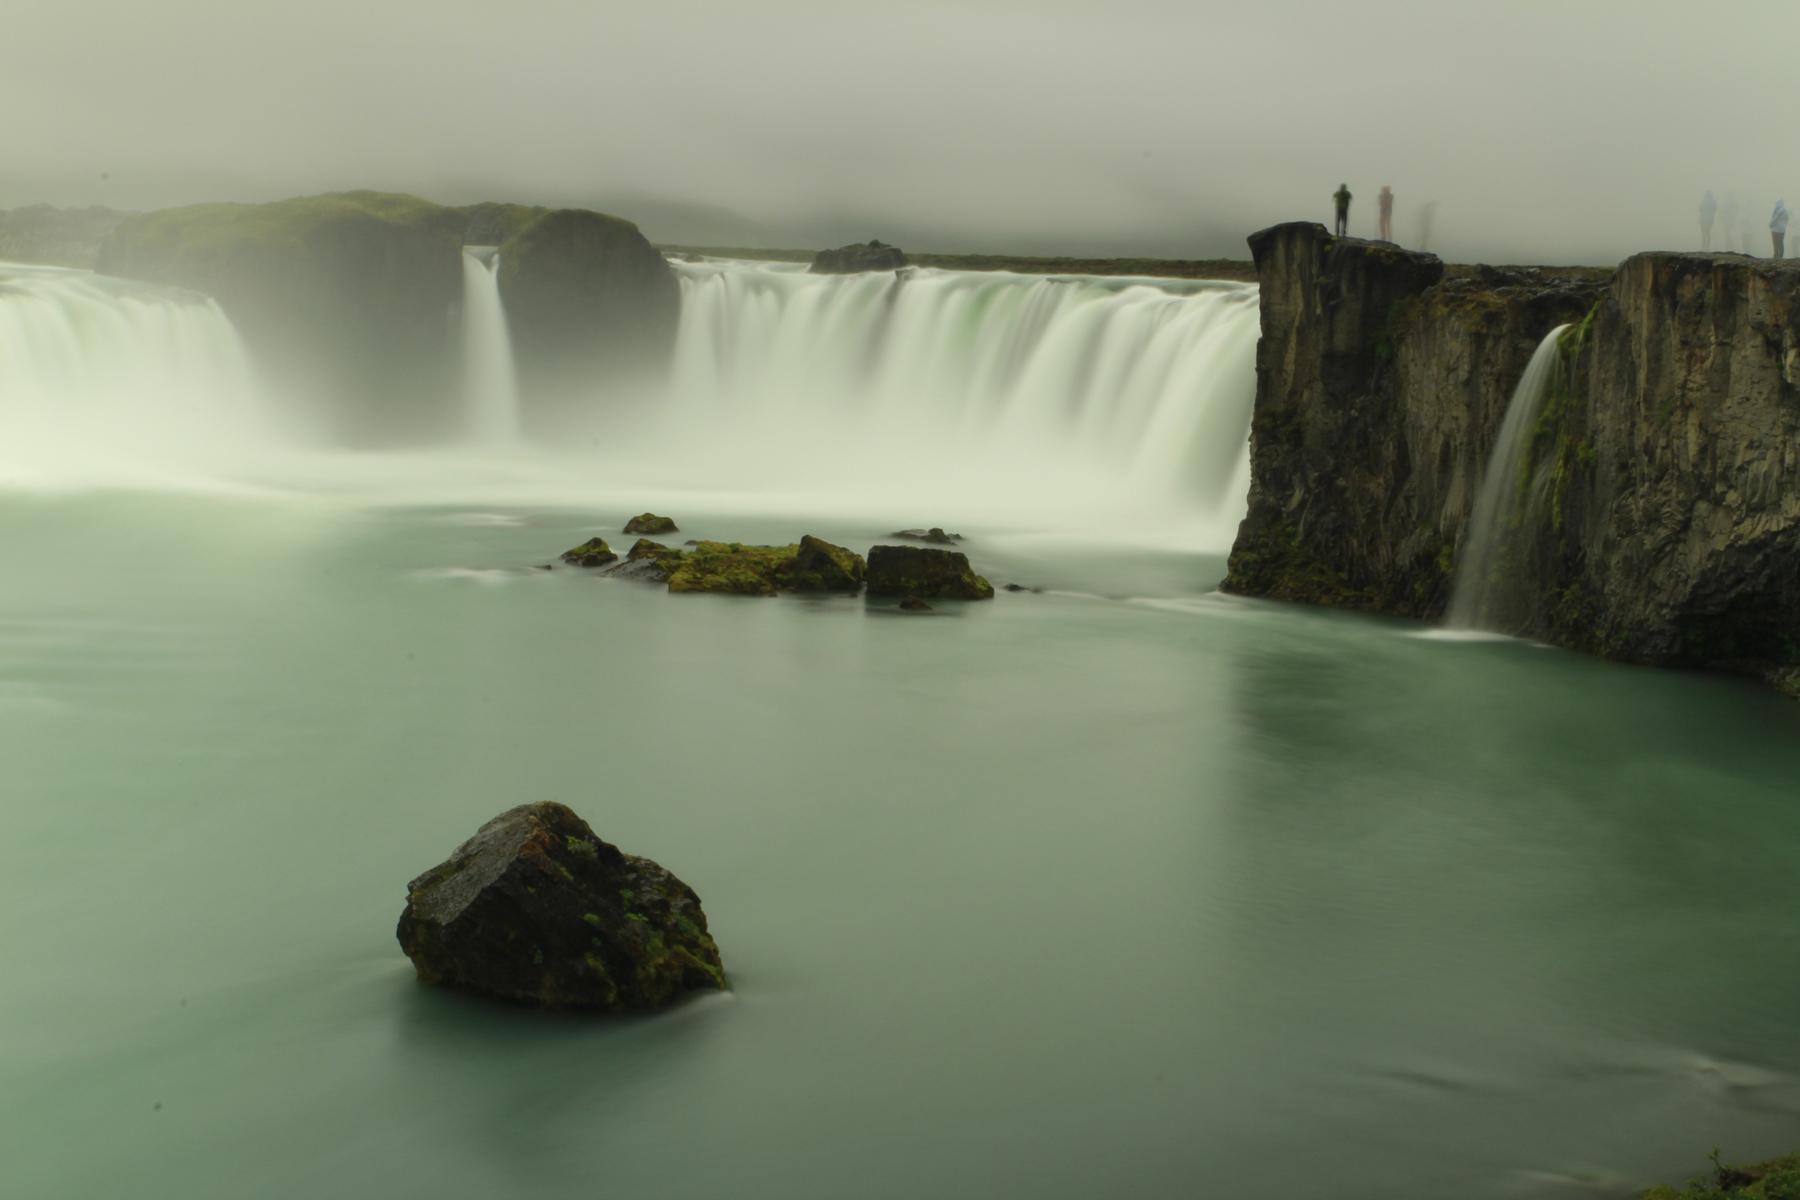 Ania w podrozy_Iceland vol. 1 - 2014-10-14